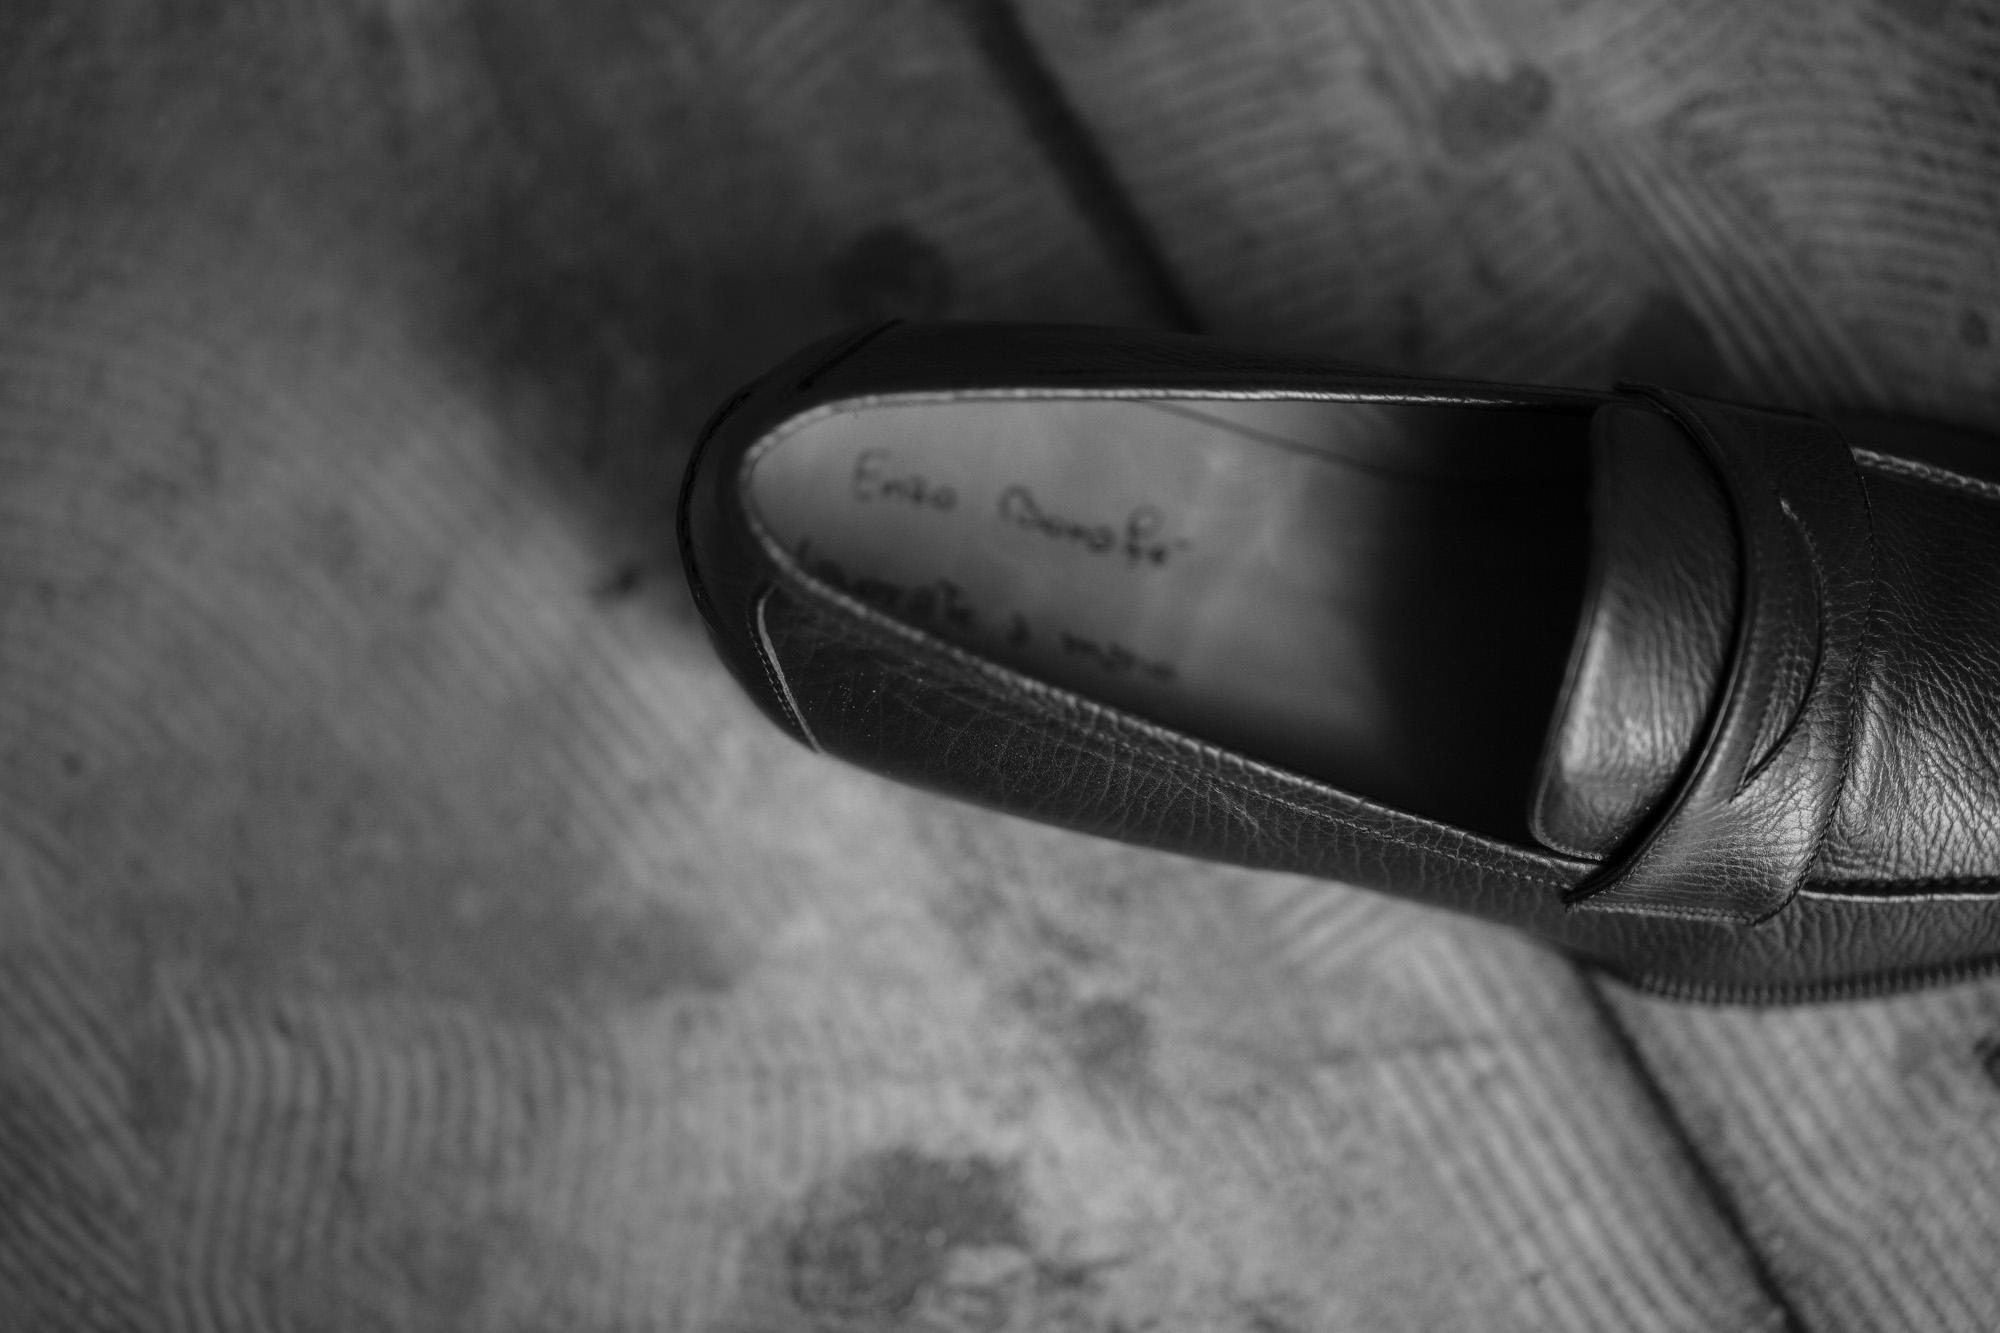 ENZO BONAFE(エンツォボナフェ) ART. EB-08 Coin Loafer コインローファー Crocodile クロコダイル エキゾチックレザー ドレスシューズ ローファー BLACK・999(ブラック・999) made in italy (イタリア製) 2019 春夏 【ご予約受付開始】 愛知 名古屋 enzobonafe エンツォボナフェ eb08 ローファー zodiac nagoya alto e diritto altoediritto アルトエデリット コードバン 5,5.5,6,6.5,7,7.5,8,8.5,9,9.5